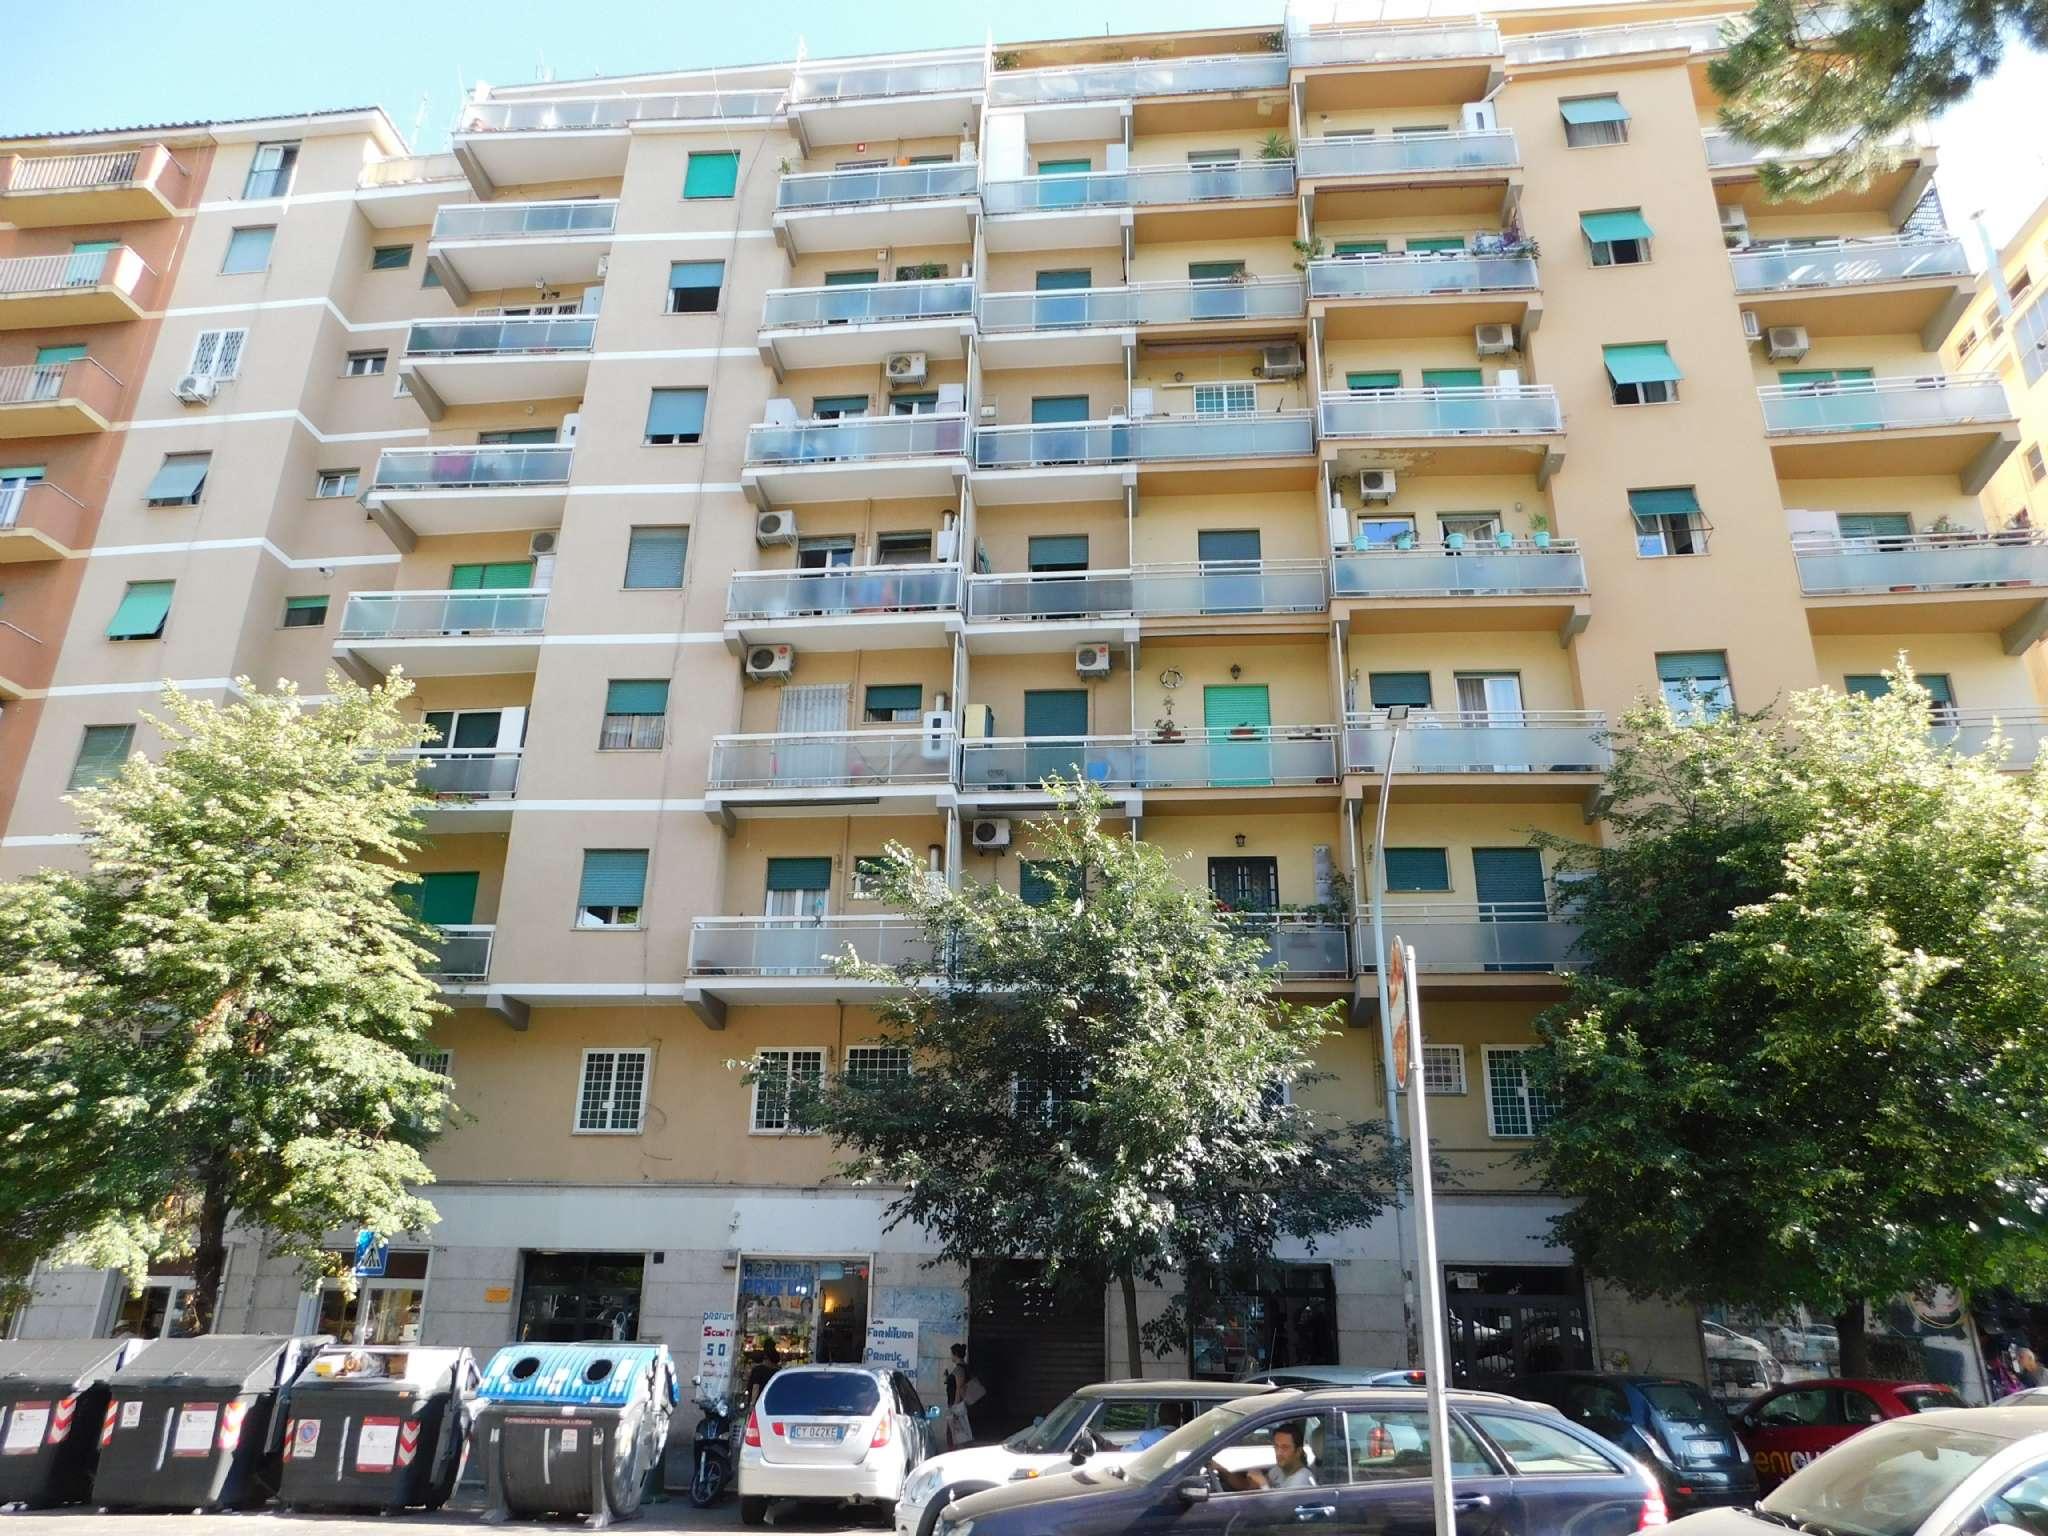 Annunci di appartamenti in affitto a roma pag 11 for Appartamenti ammobiliati in affitto roma